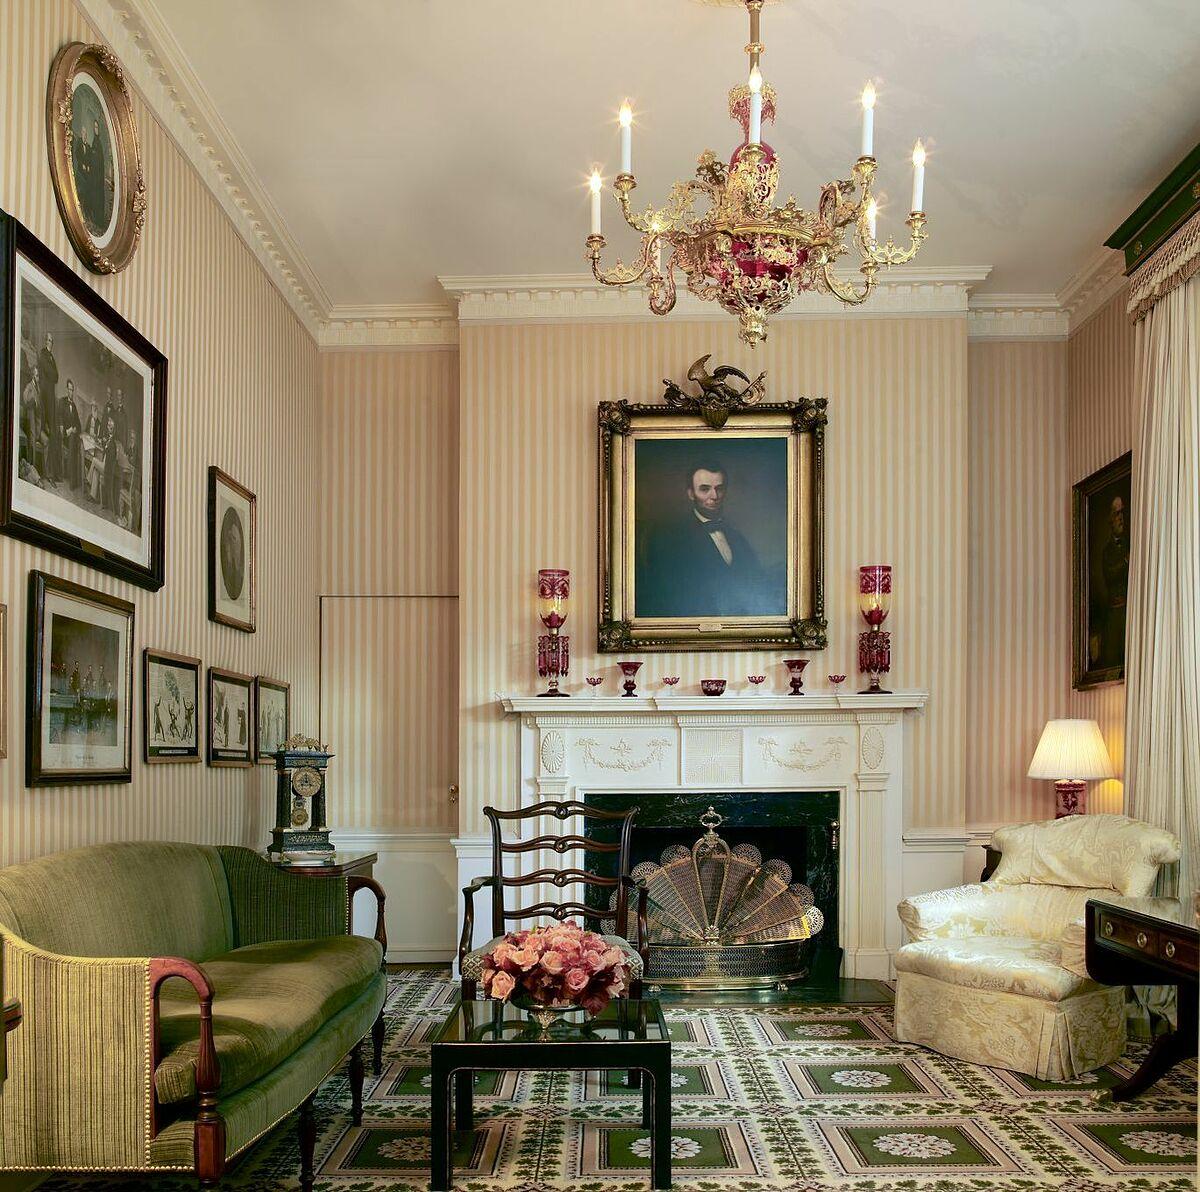 Toàn bộ ngôi nhà đều được trang trí theo phong cách truyền thống đậm chất Mỹ và sang trọng. Trên ảnh là phòng Lincoln. Ảnh: Carol M Highsmith/Library of Congress